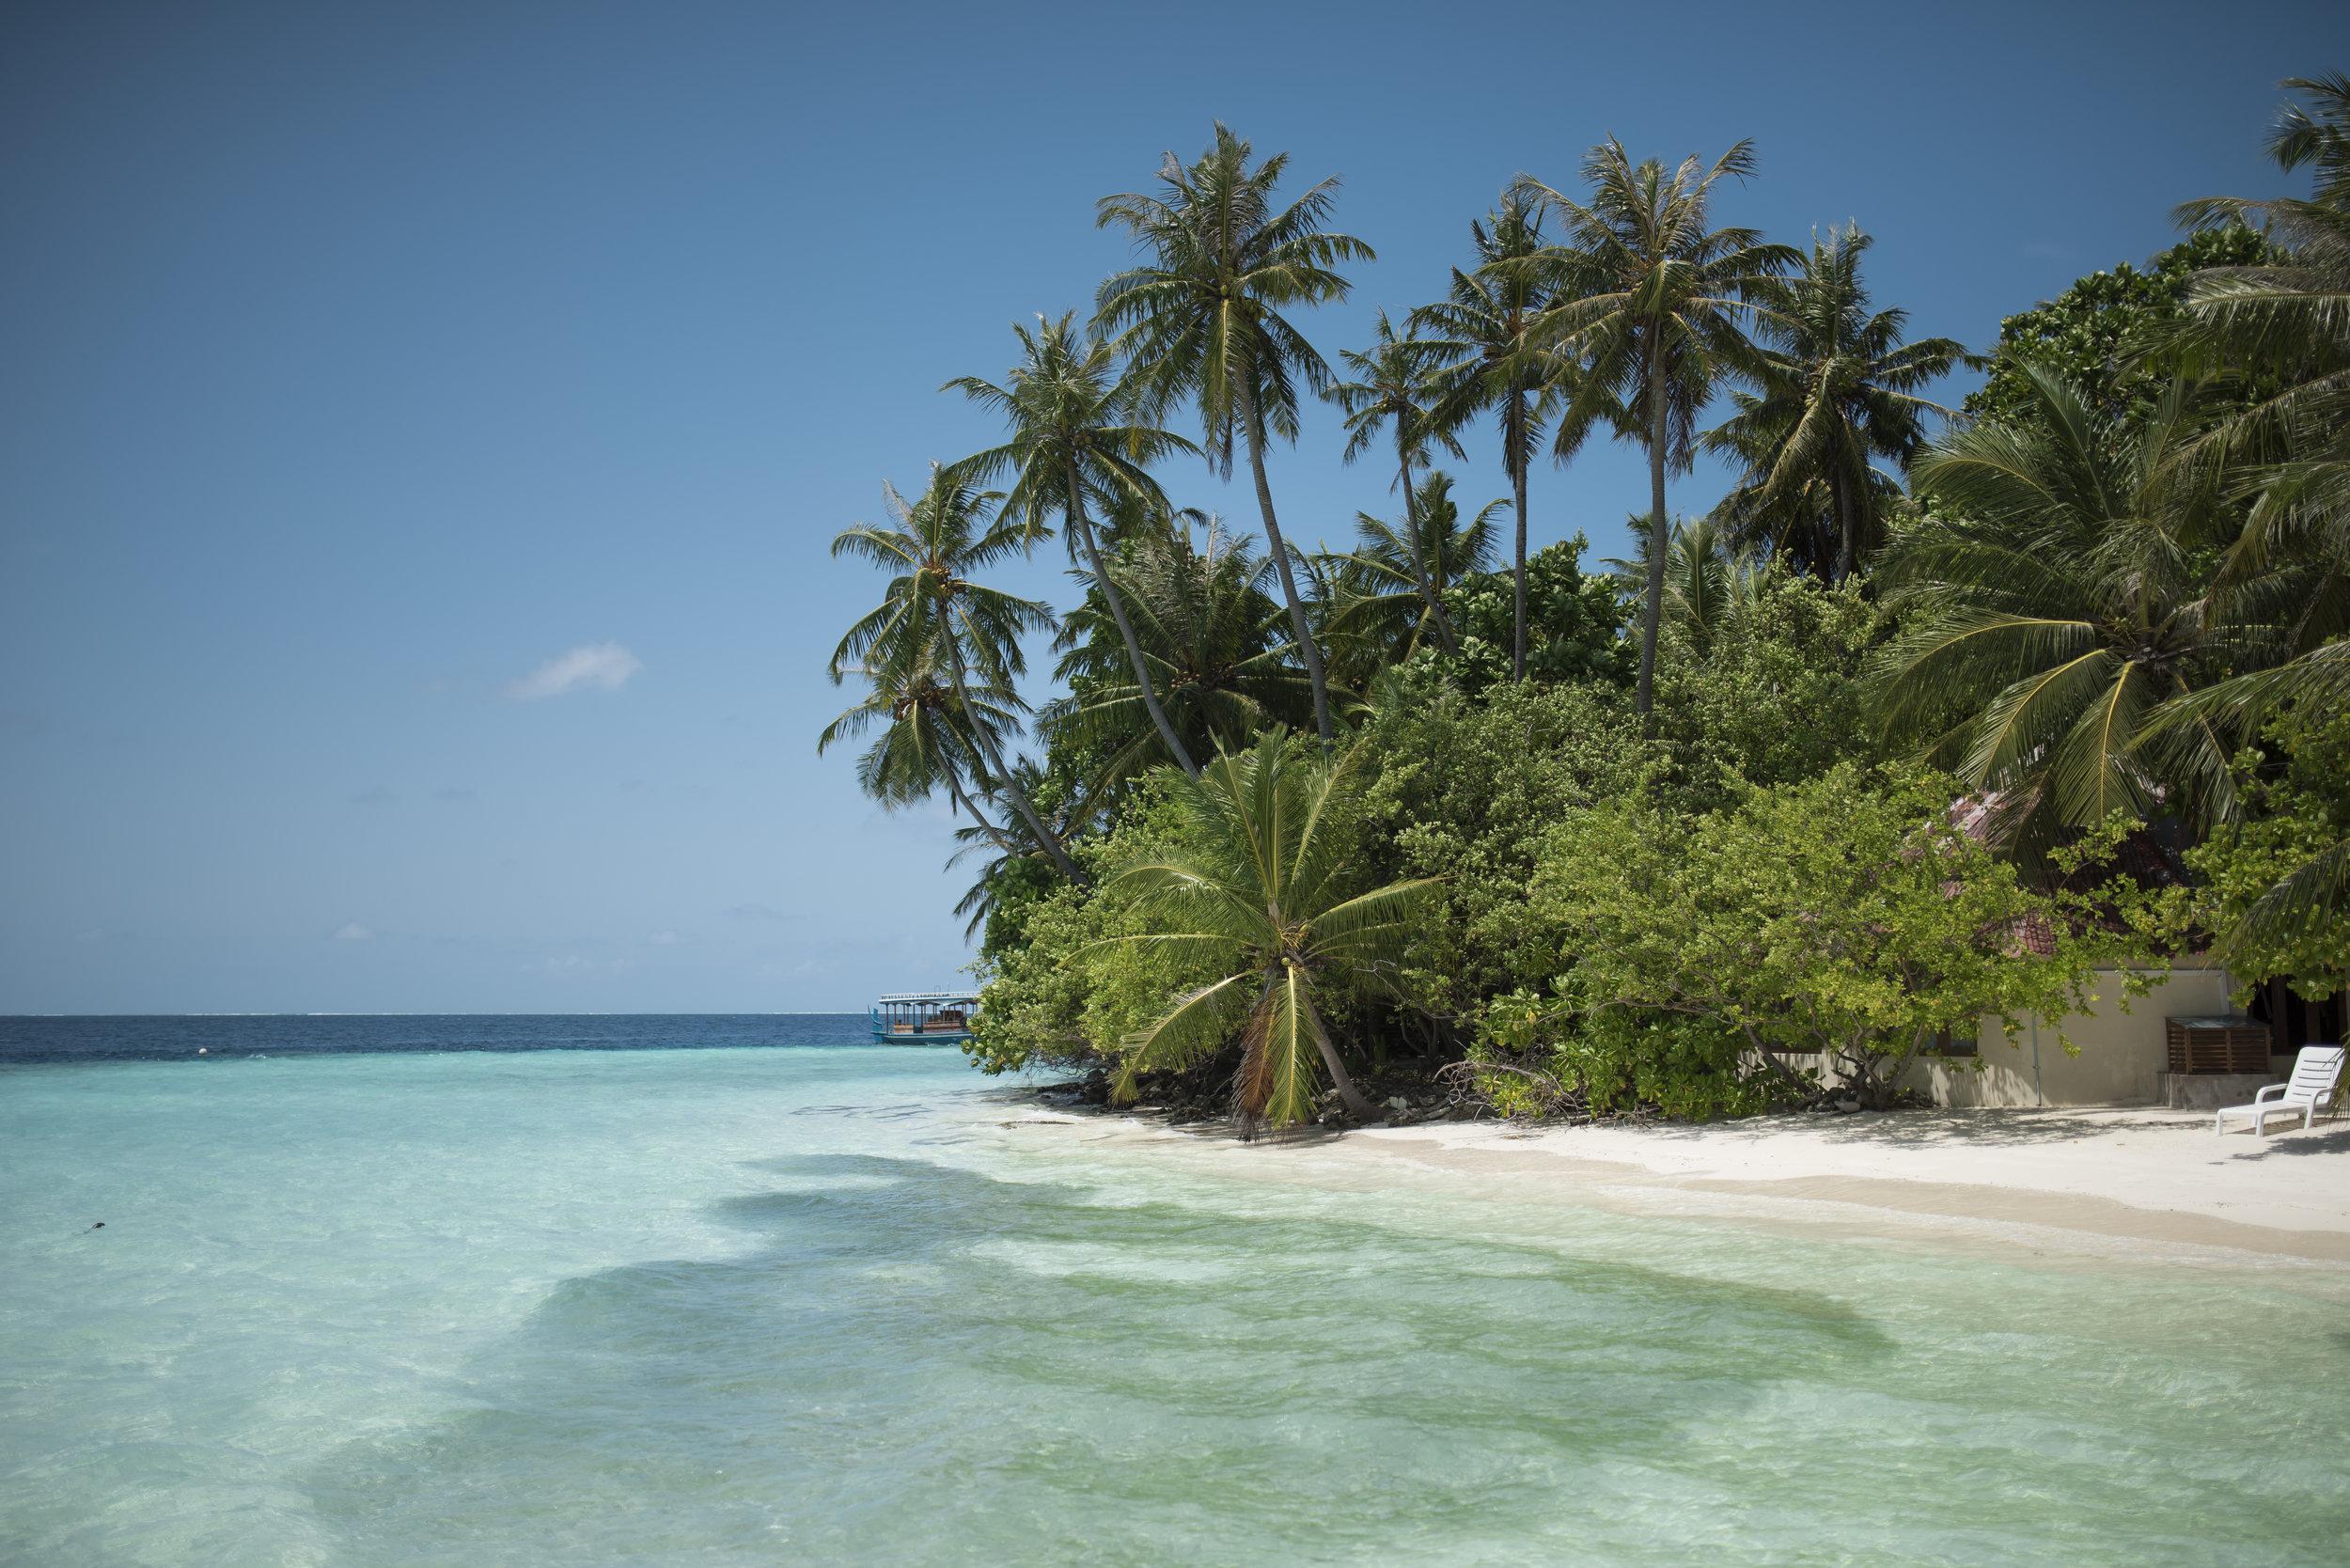 BIYADHOO ISLAND RESORT   Maldives    Images / Fact sheet / Video